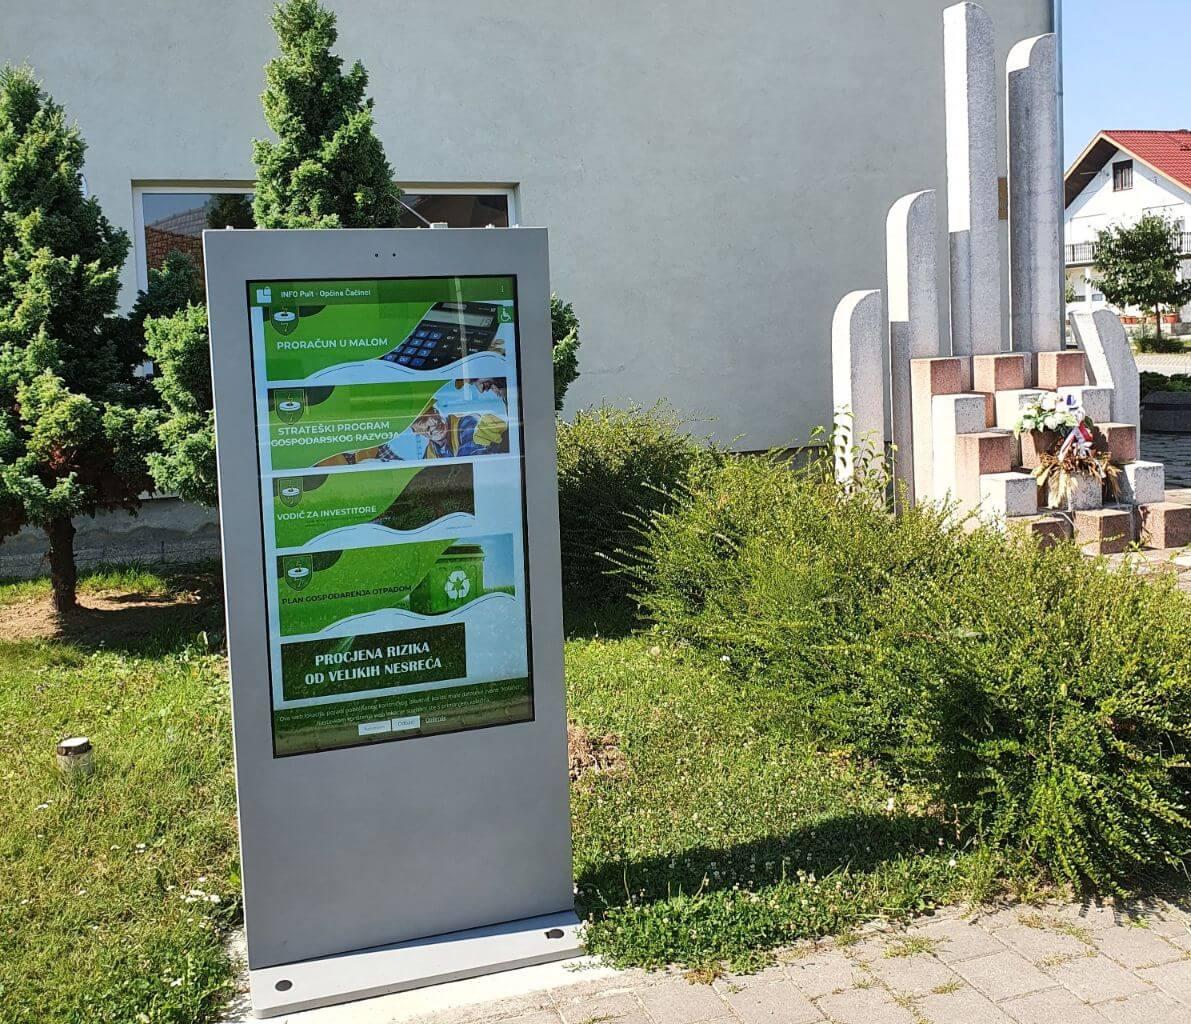 Mobilna aplikacija i info-touch ploča za prijavu komunalnih problema